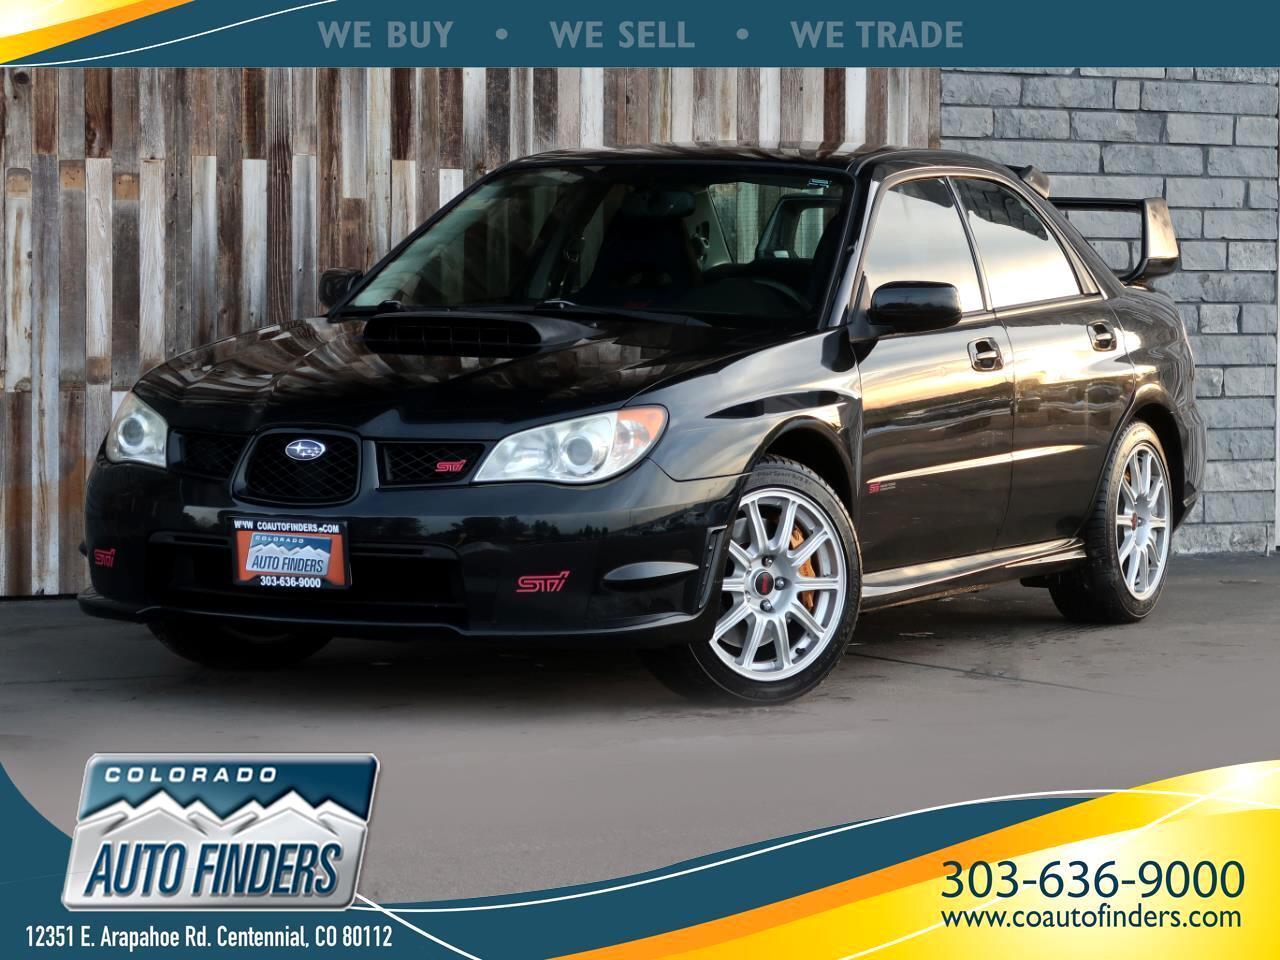 2007 Subaru Impreza Sedan 4dr H4 Turbo WRX STI w/Slver Wheels